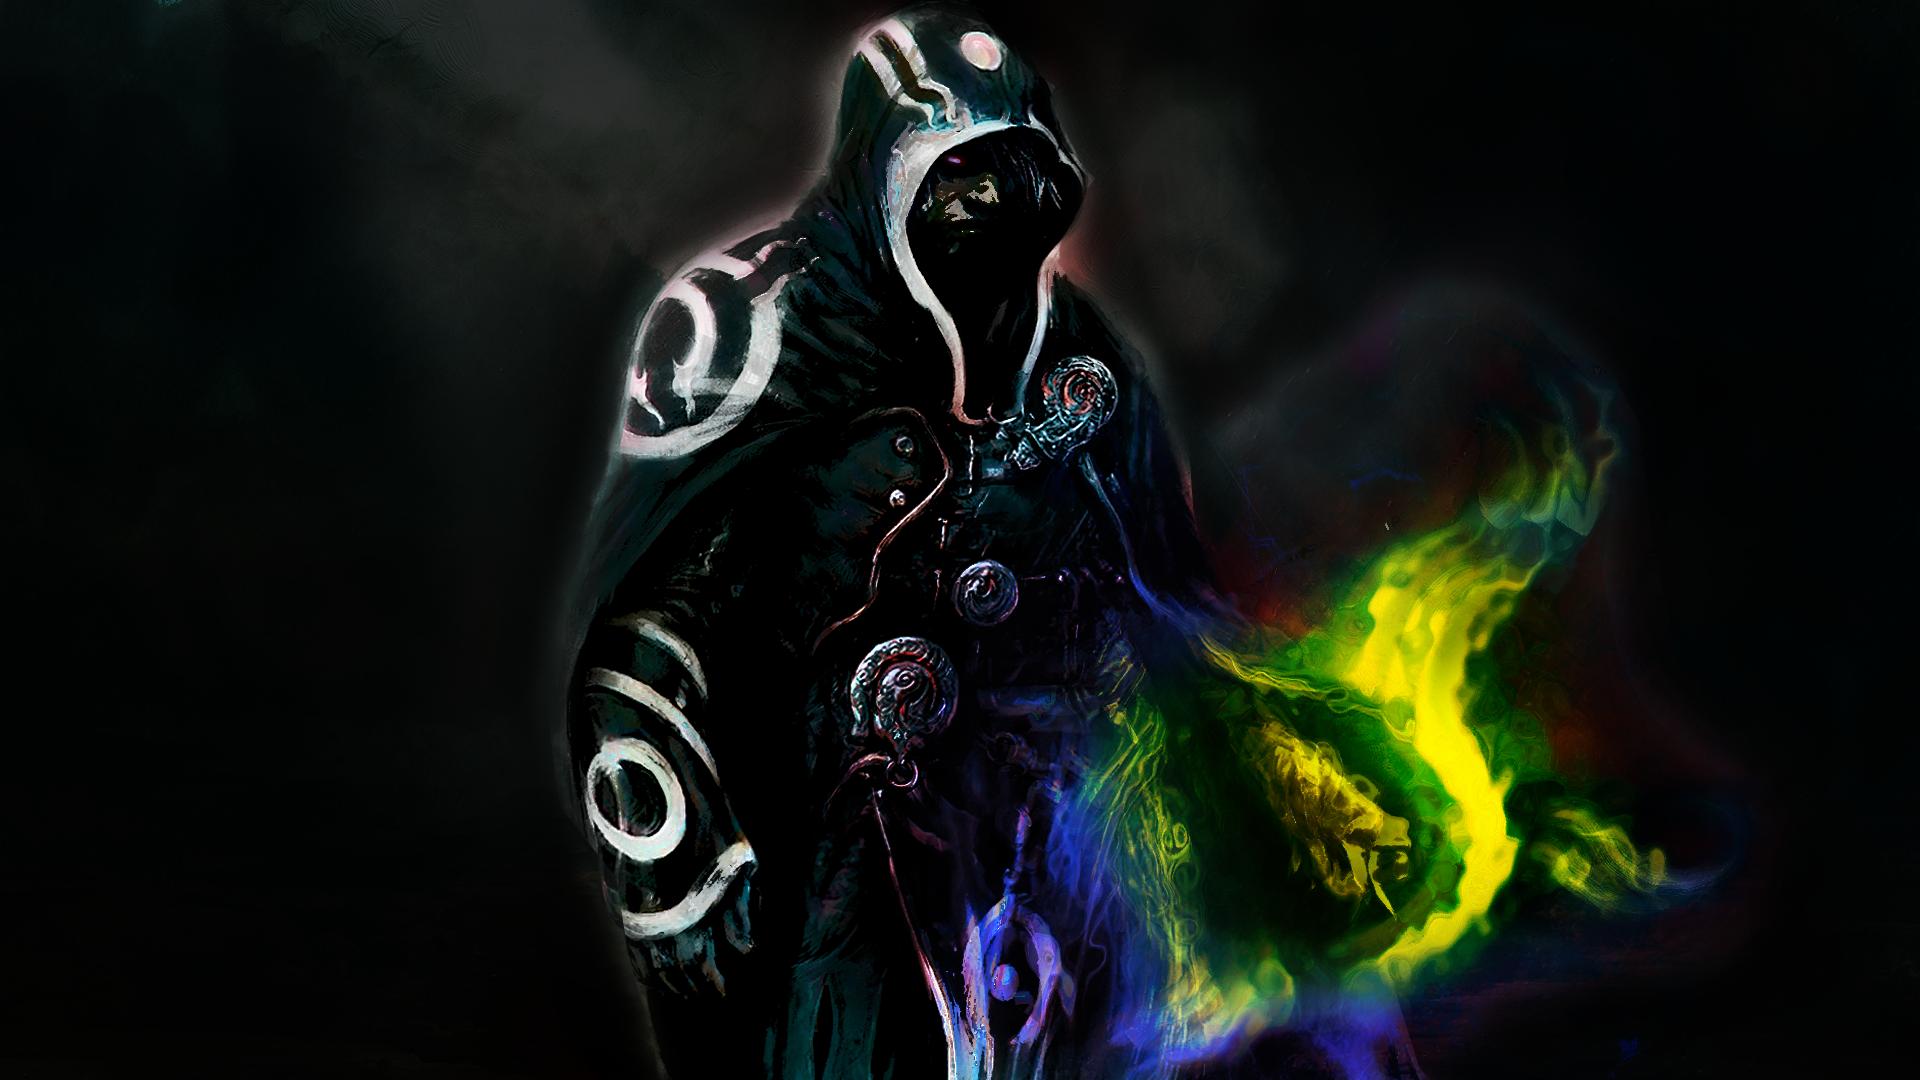 Dark Wizard by Deftspex on DeviantArt